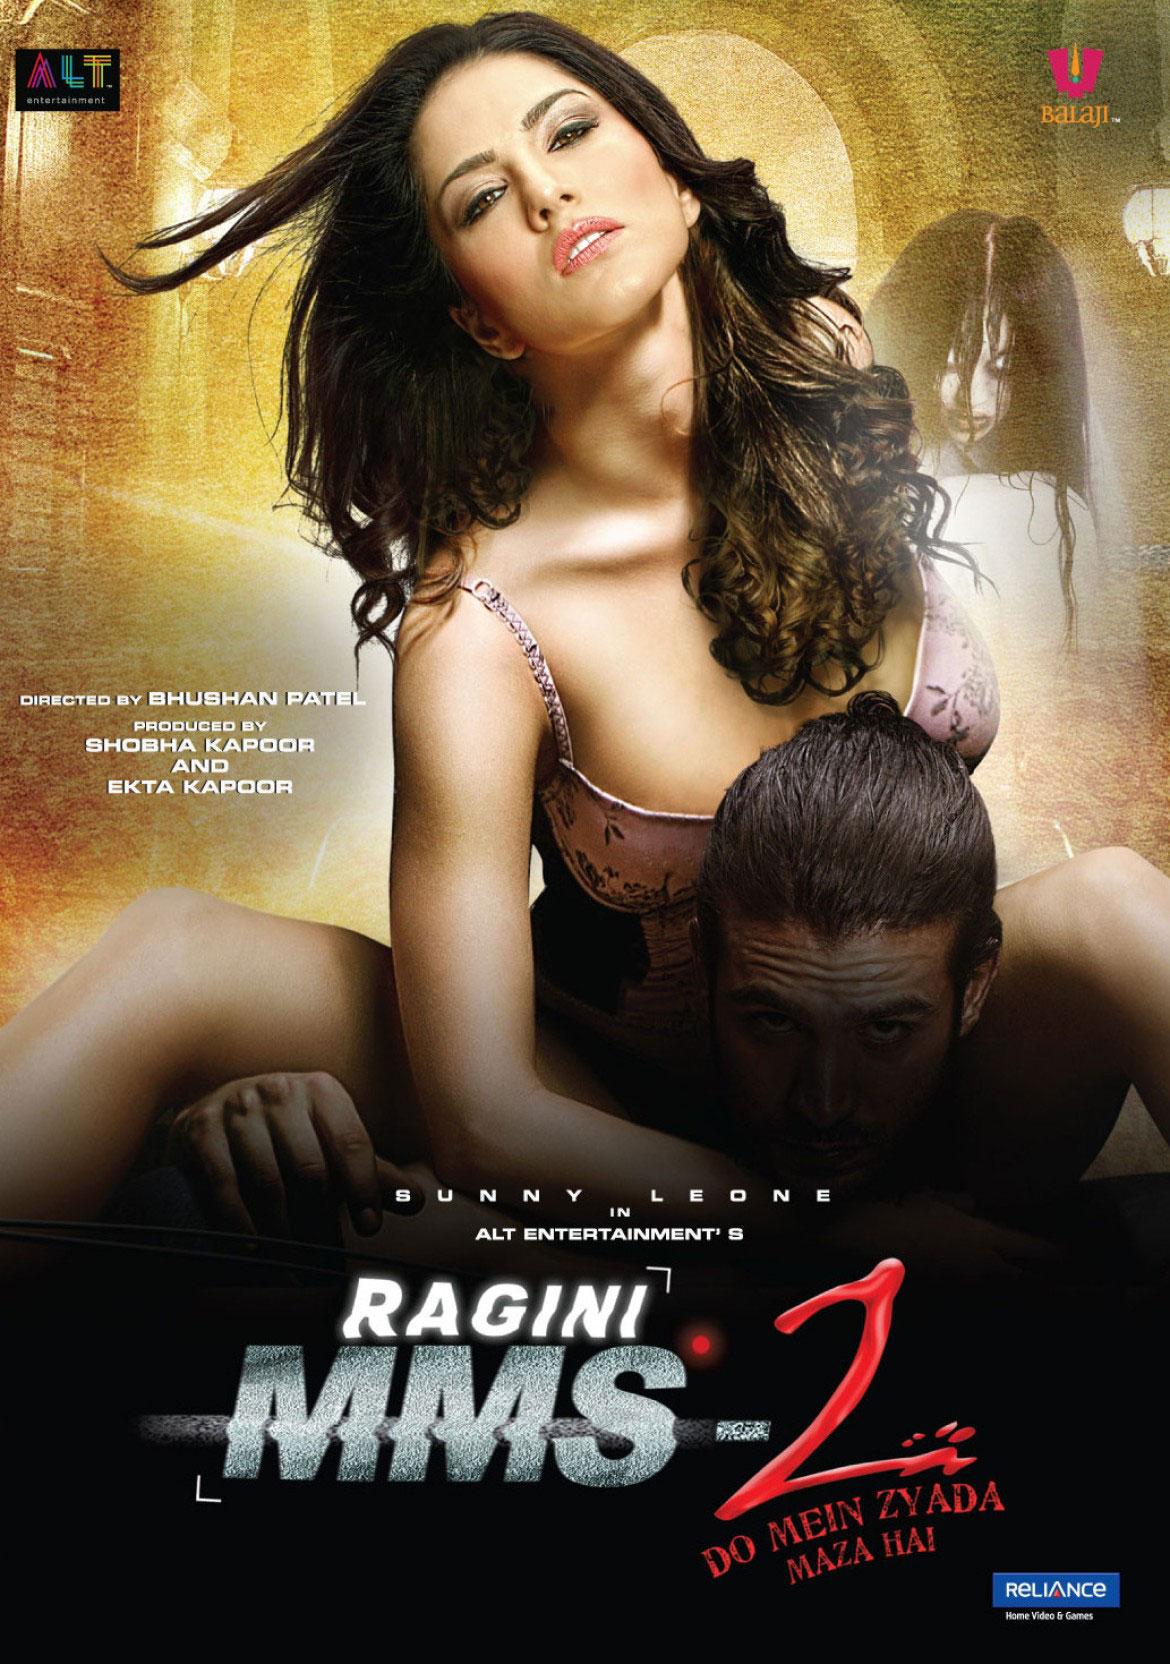 Ragini MMS 2 (2014) Hindi Movie WEB-DL x264 AAC 300MB Download